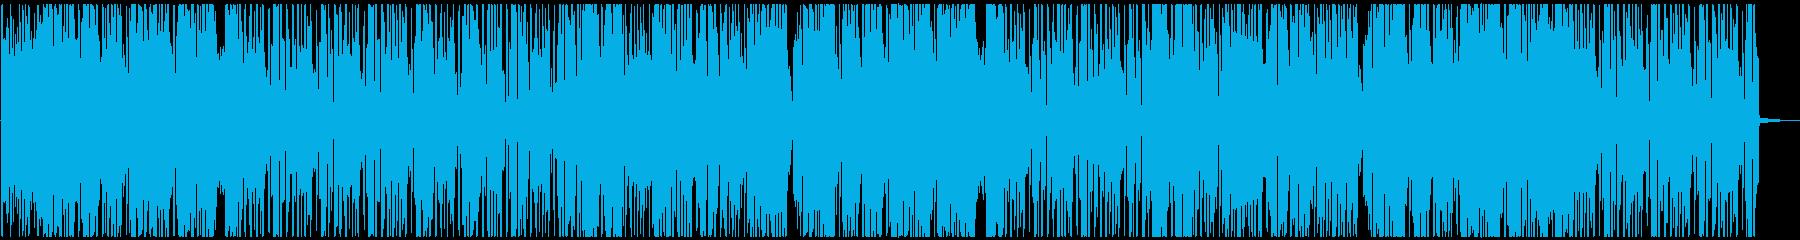 爽やか系HIPHOPSOULの再生済みの波形